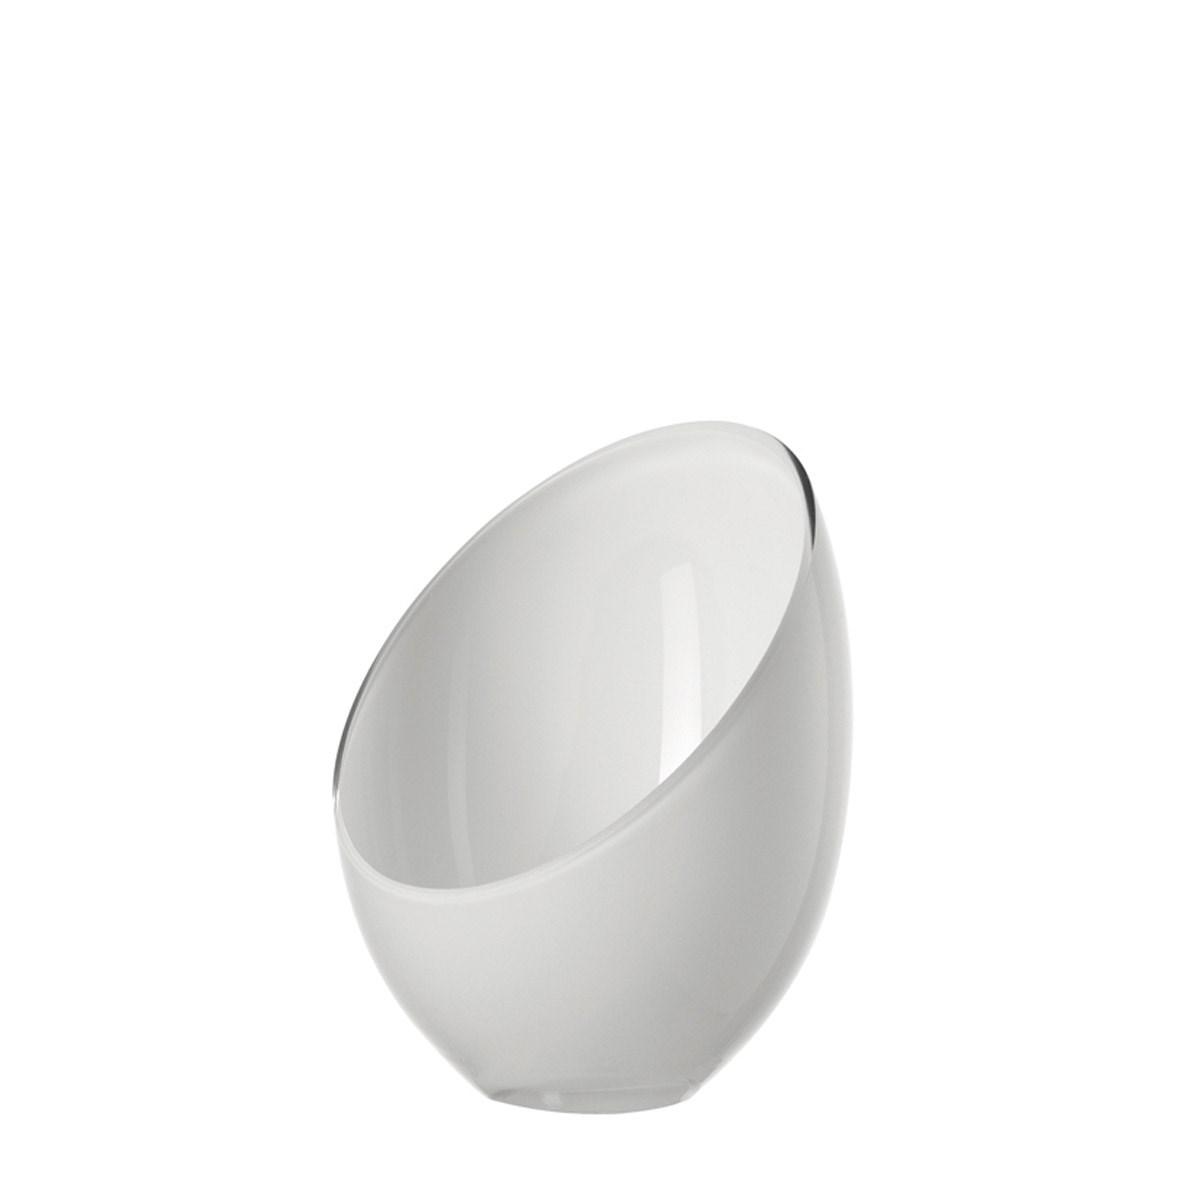 Svícen COCO 21 cm bílý_1